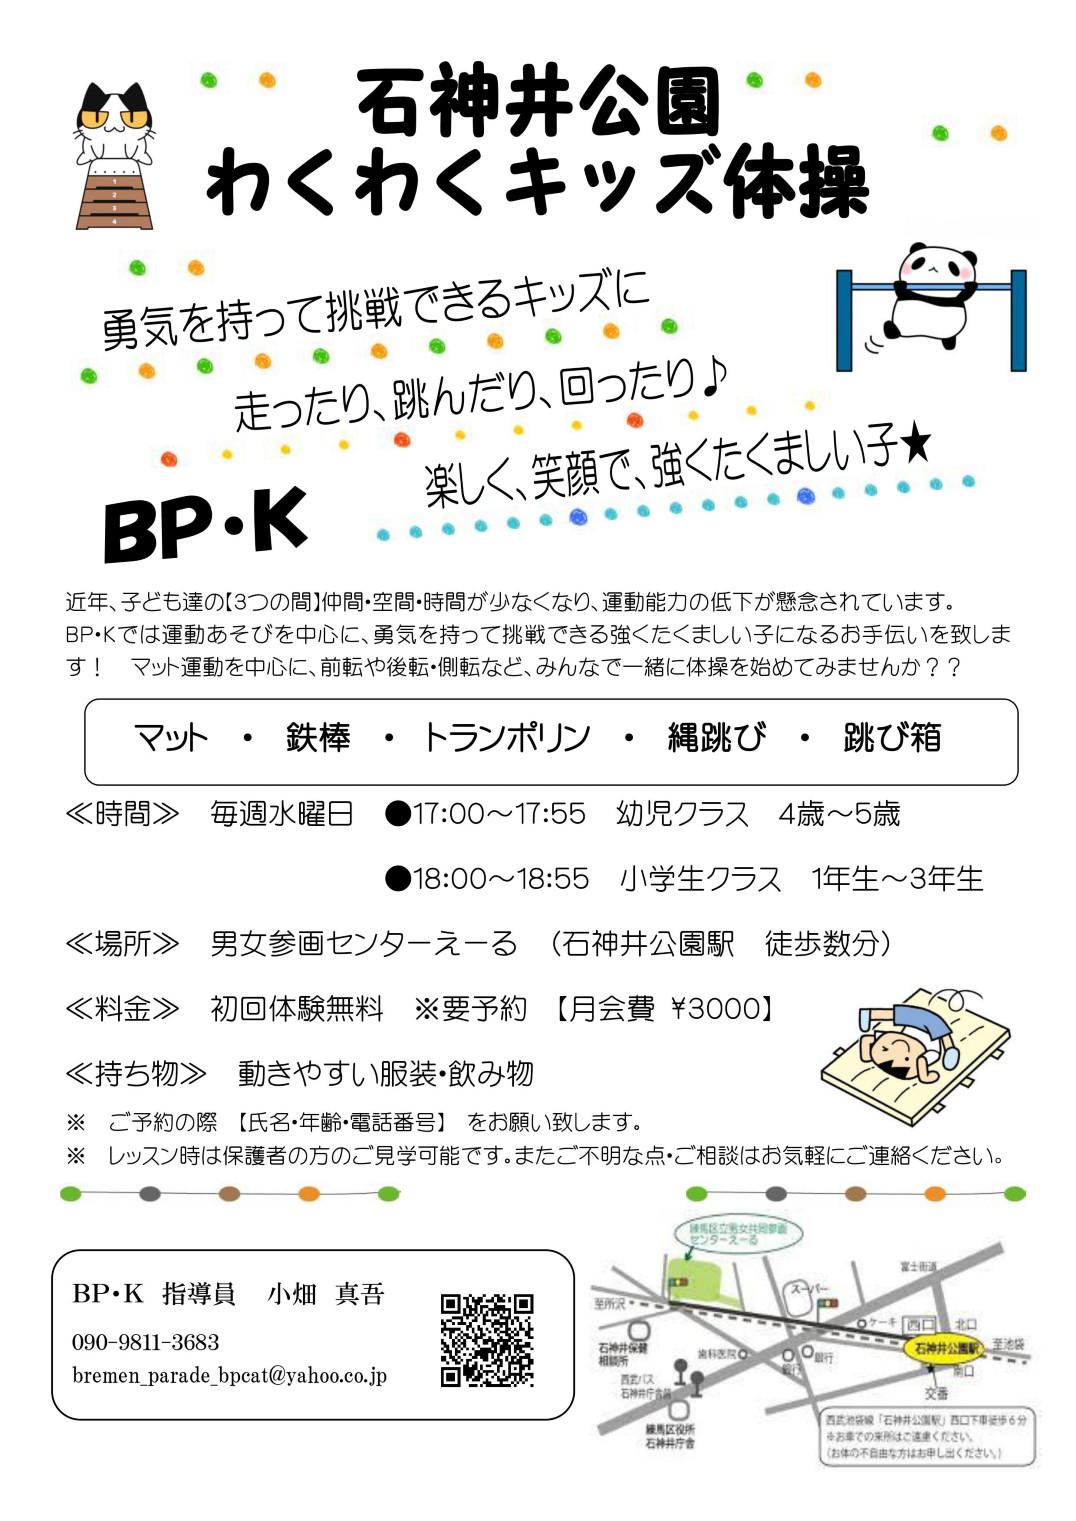 石神井公園わくわくキッズ体操BP・K 男女共同参画センターえーる